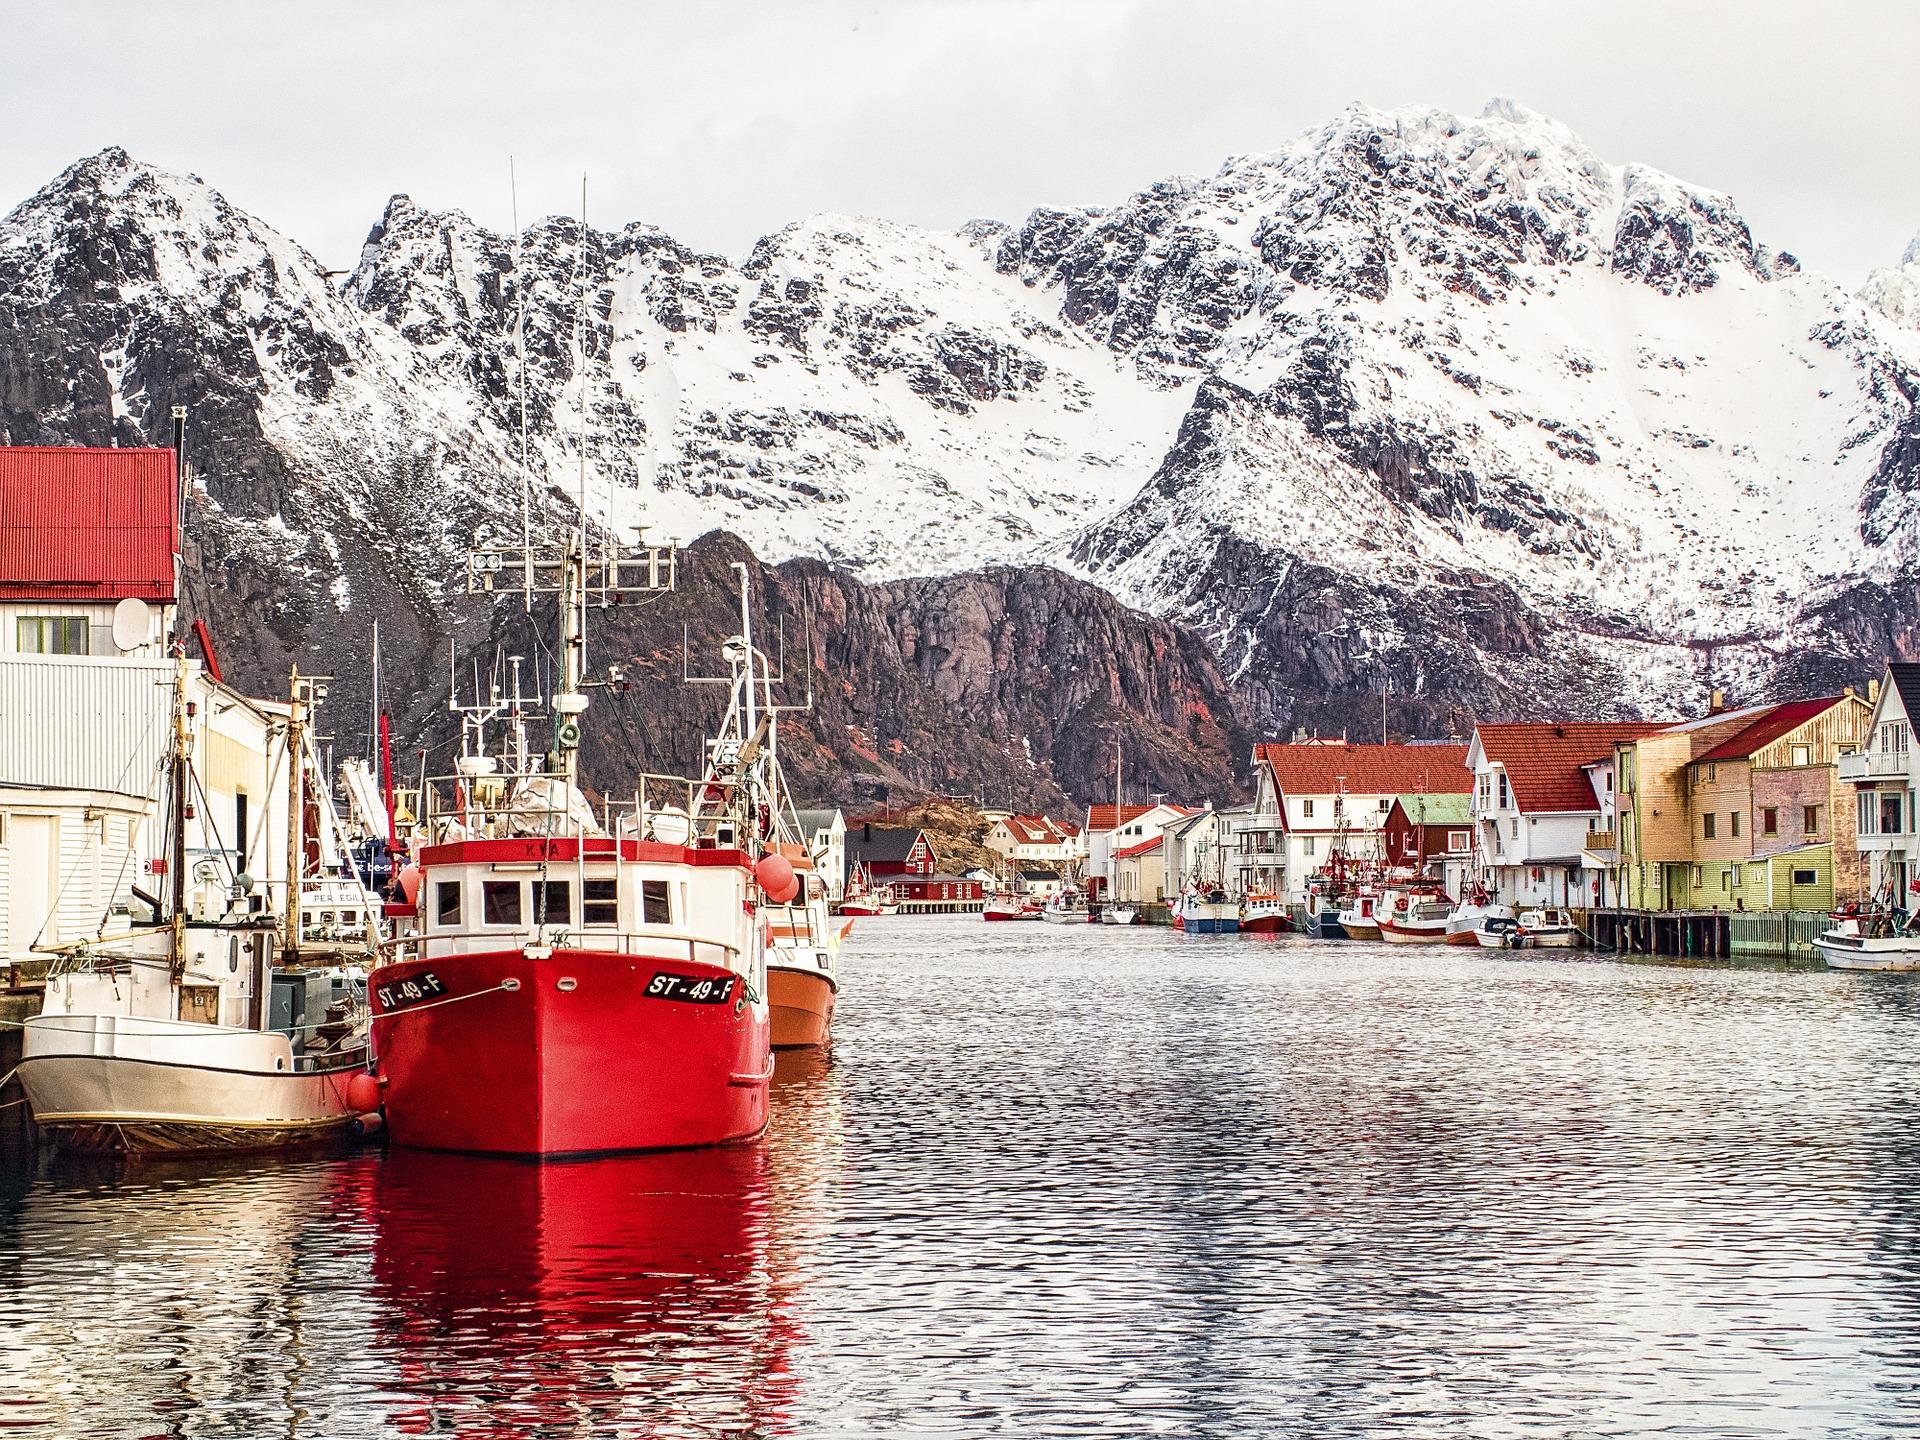 prodotti ittici norvegesi: esportazioni in crescita